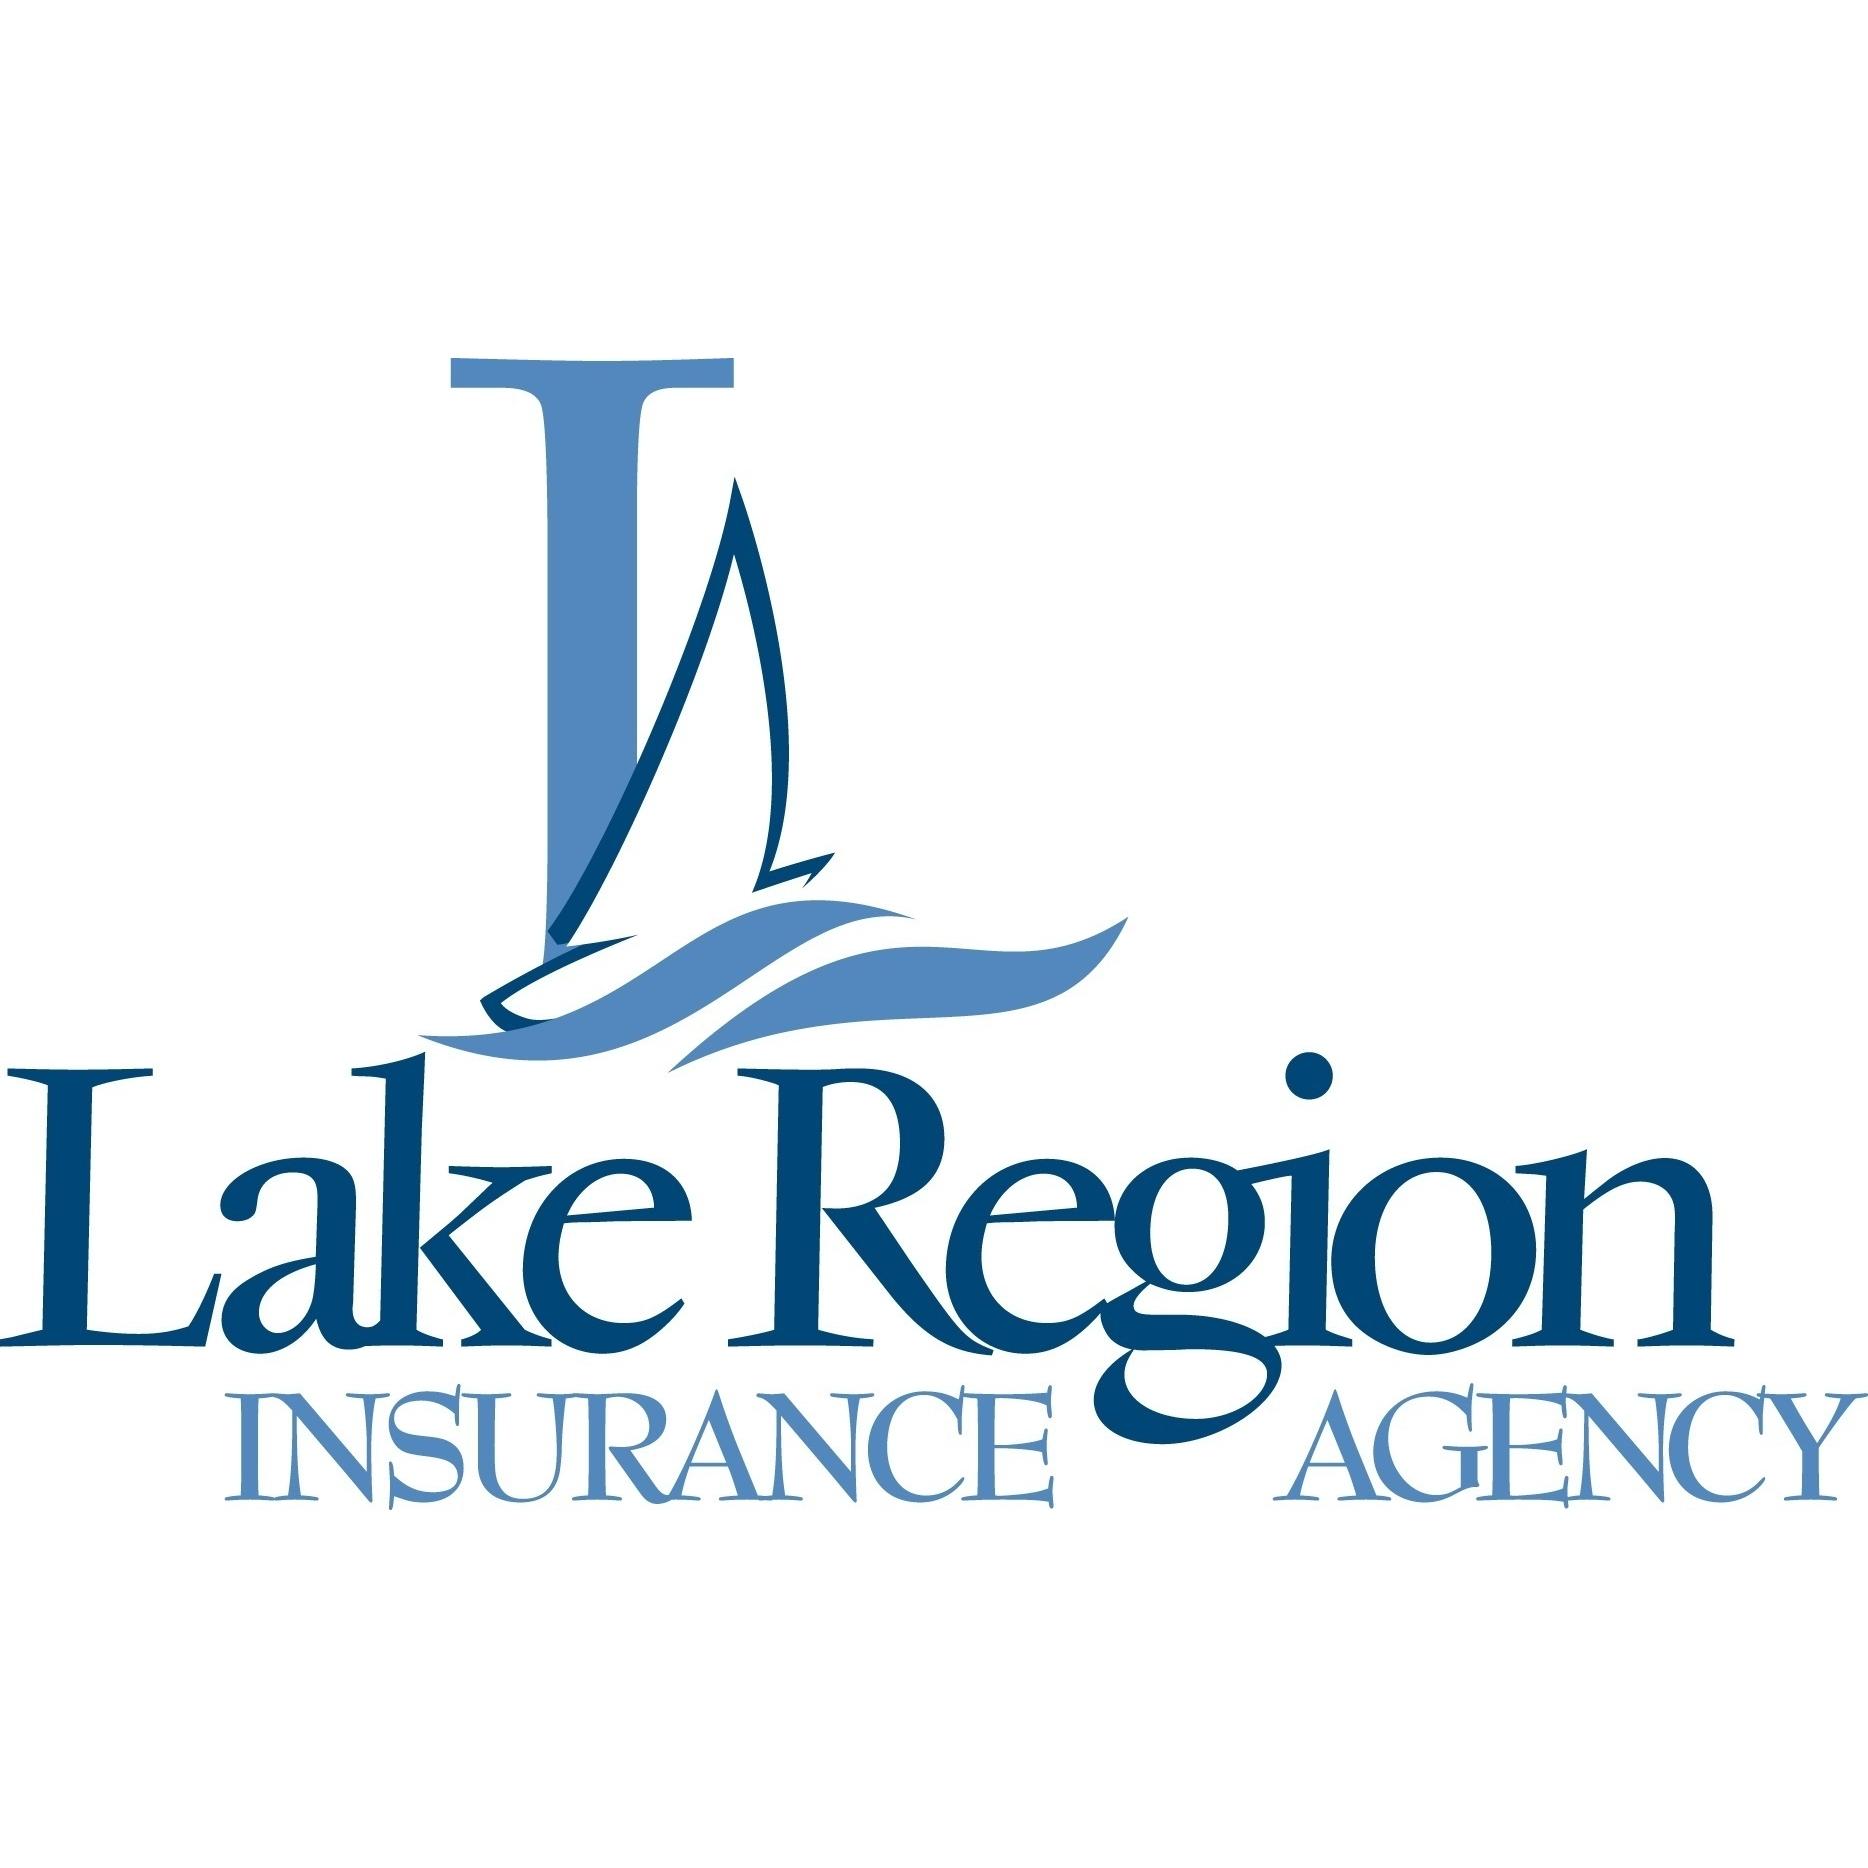 Lake Region Insurance Agency